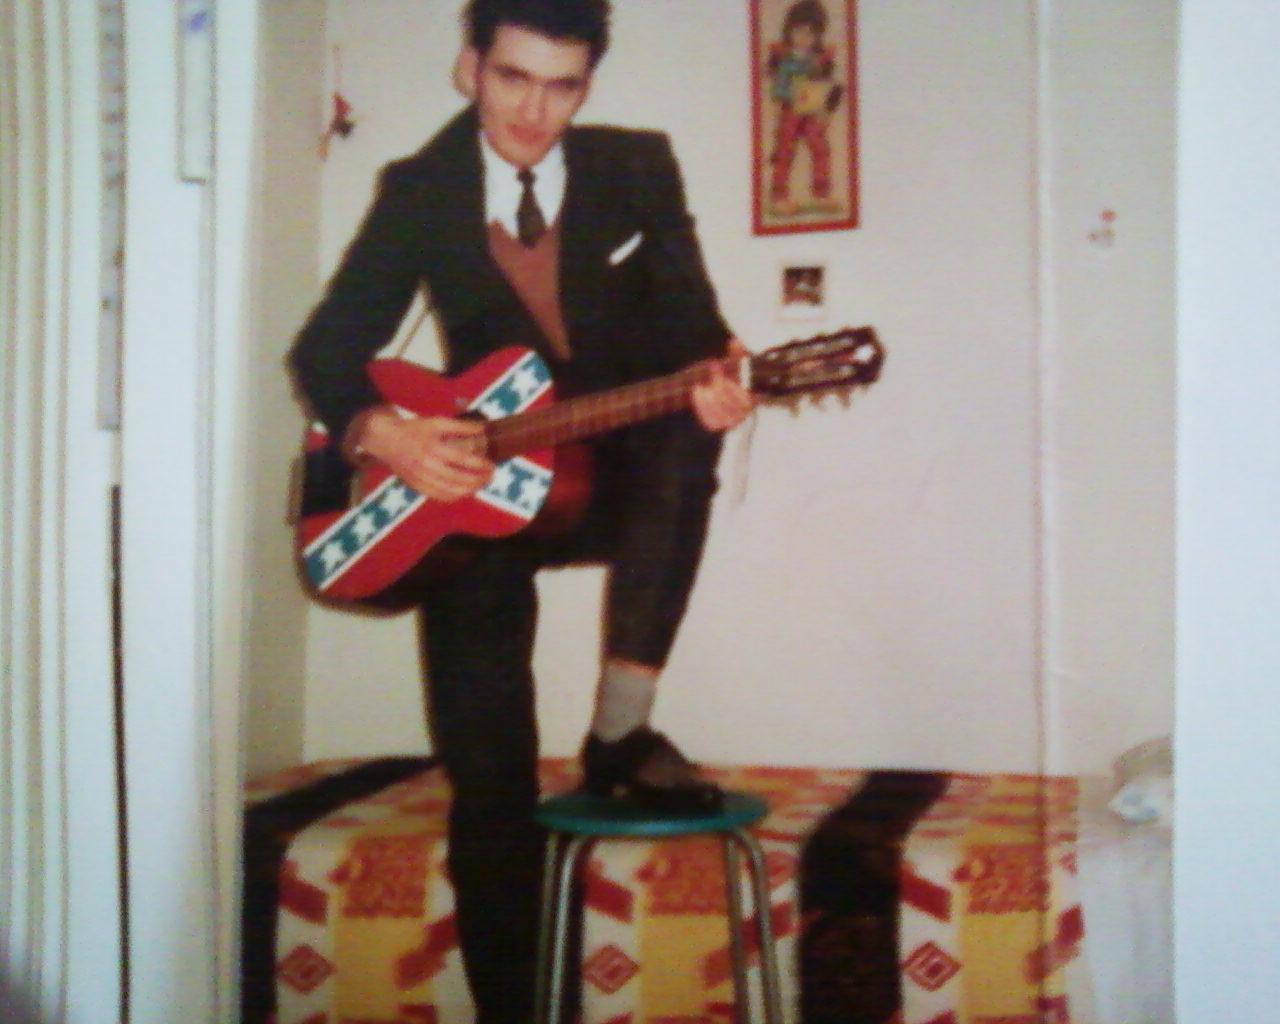 17jährig anno 1983